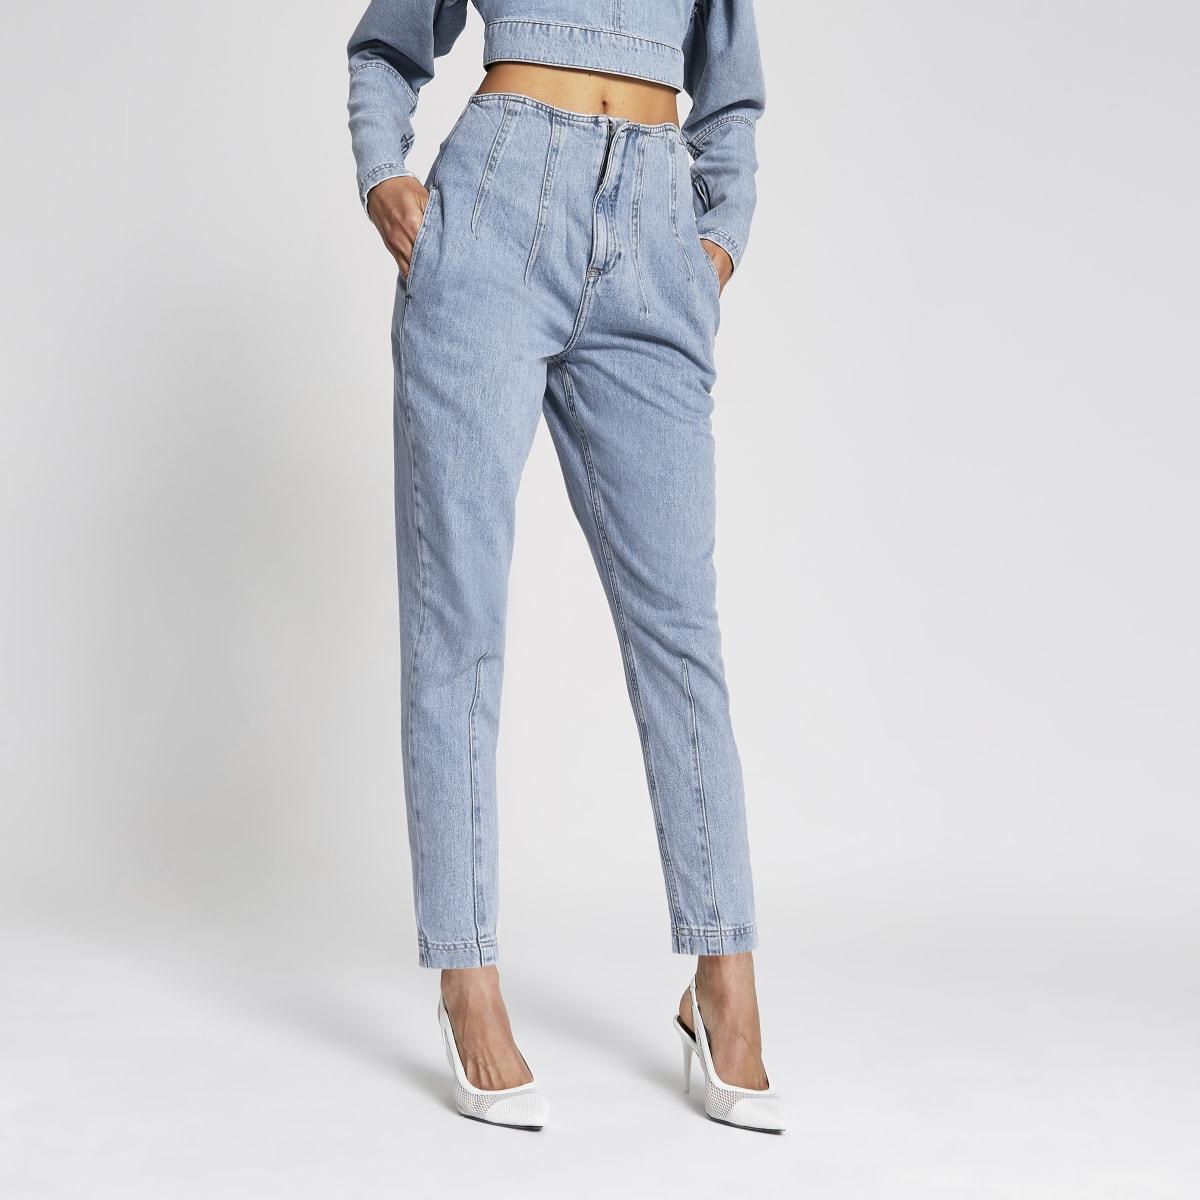 Lichtblauwe jeans met kokerpijpen en gestikte taille